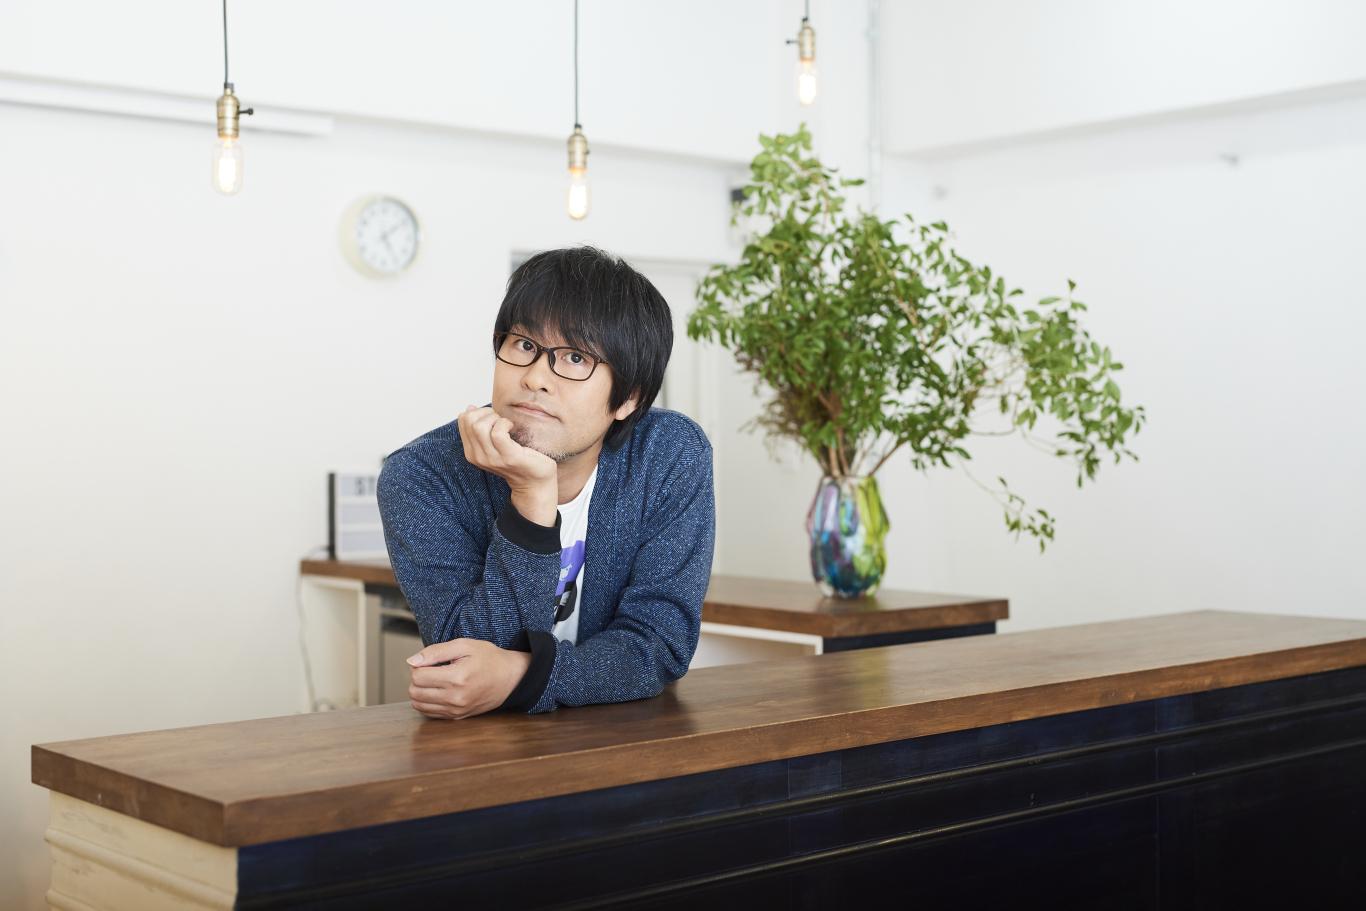 「人生で大切なことはすべてブースの中で教わった」鷲崎健、アニラジと歩んだ15年